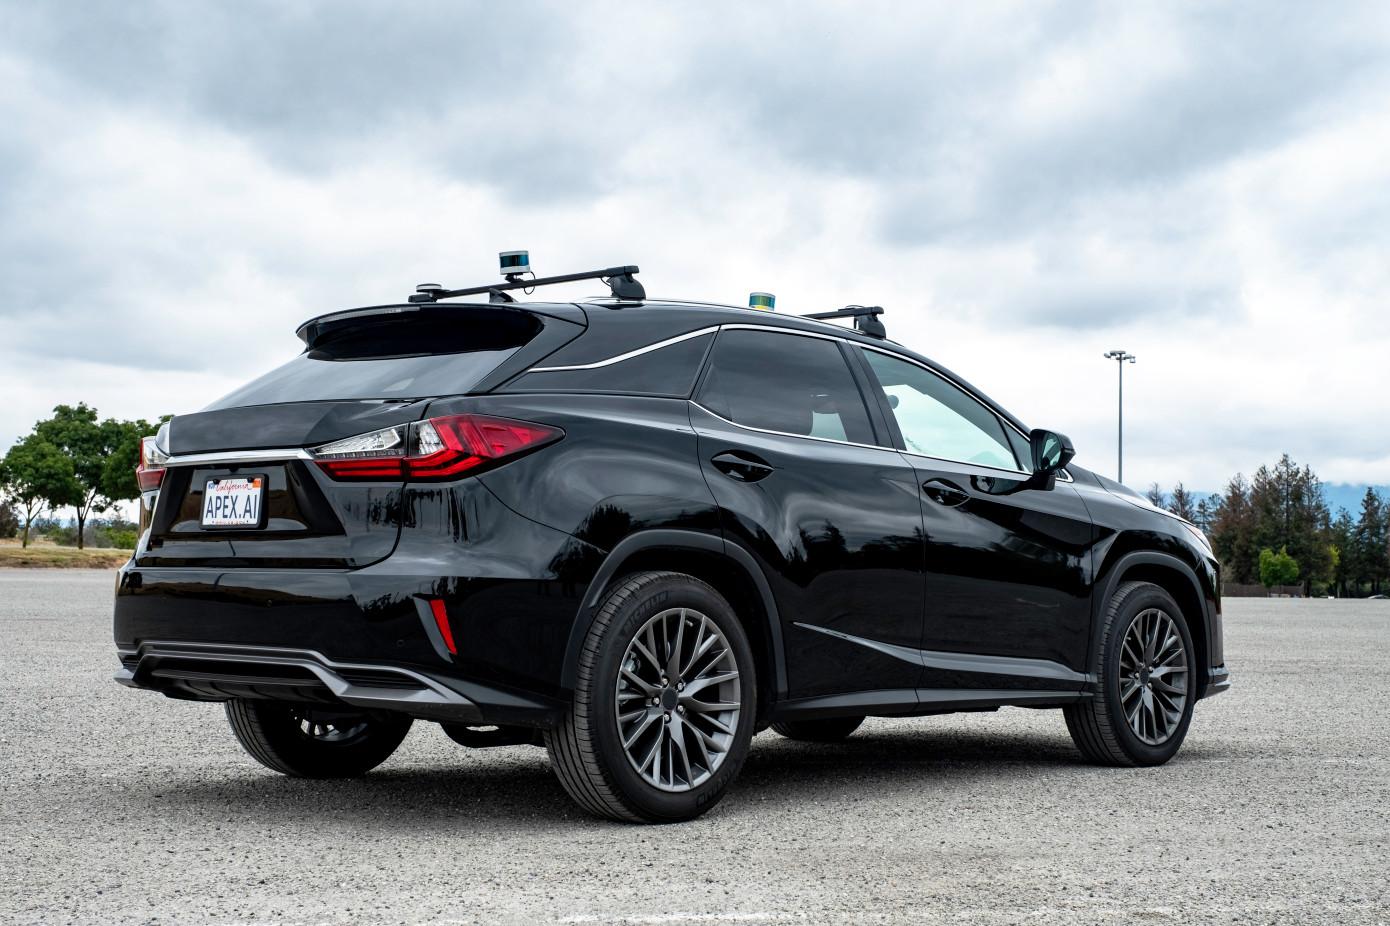 Apex.AI Wagen